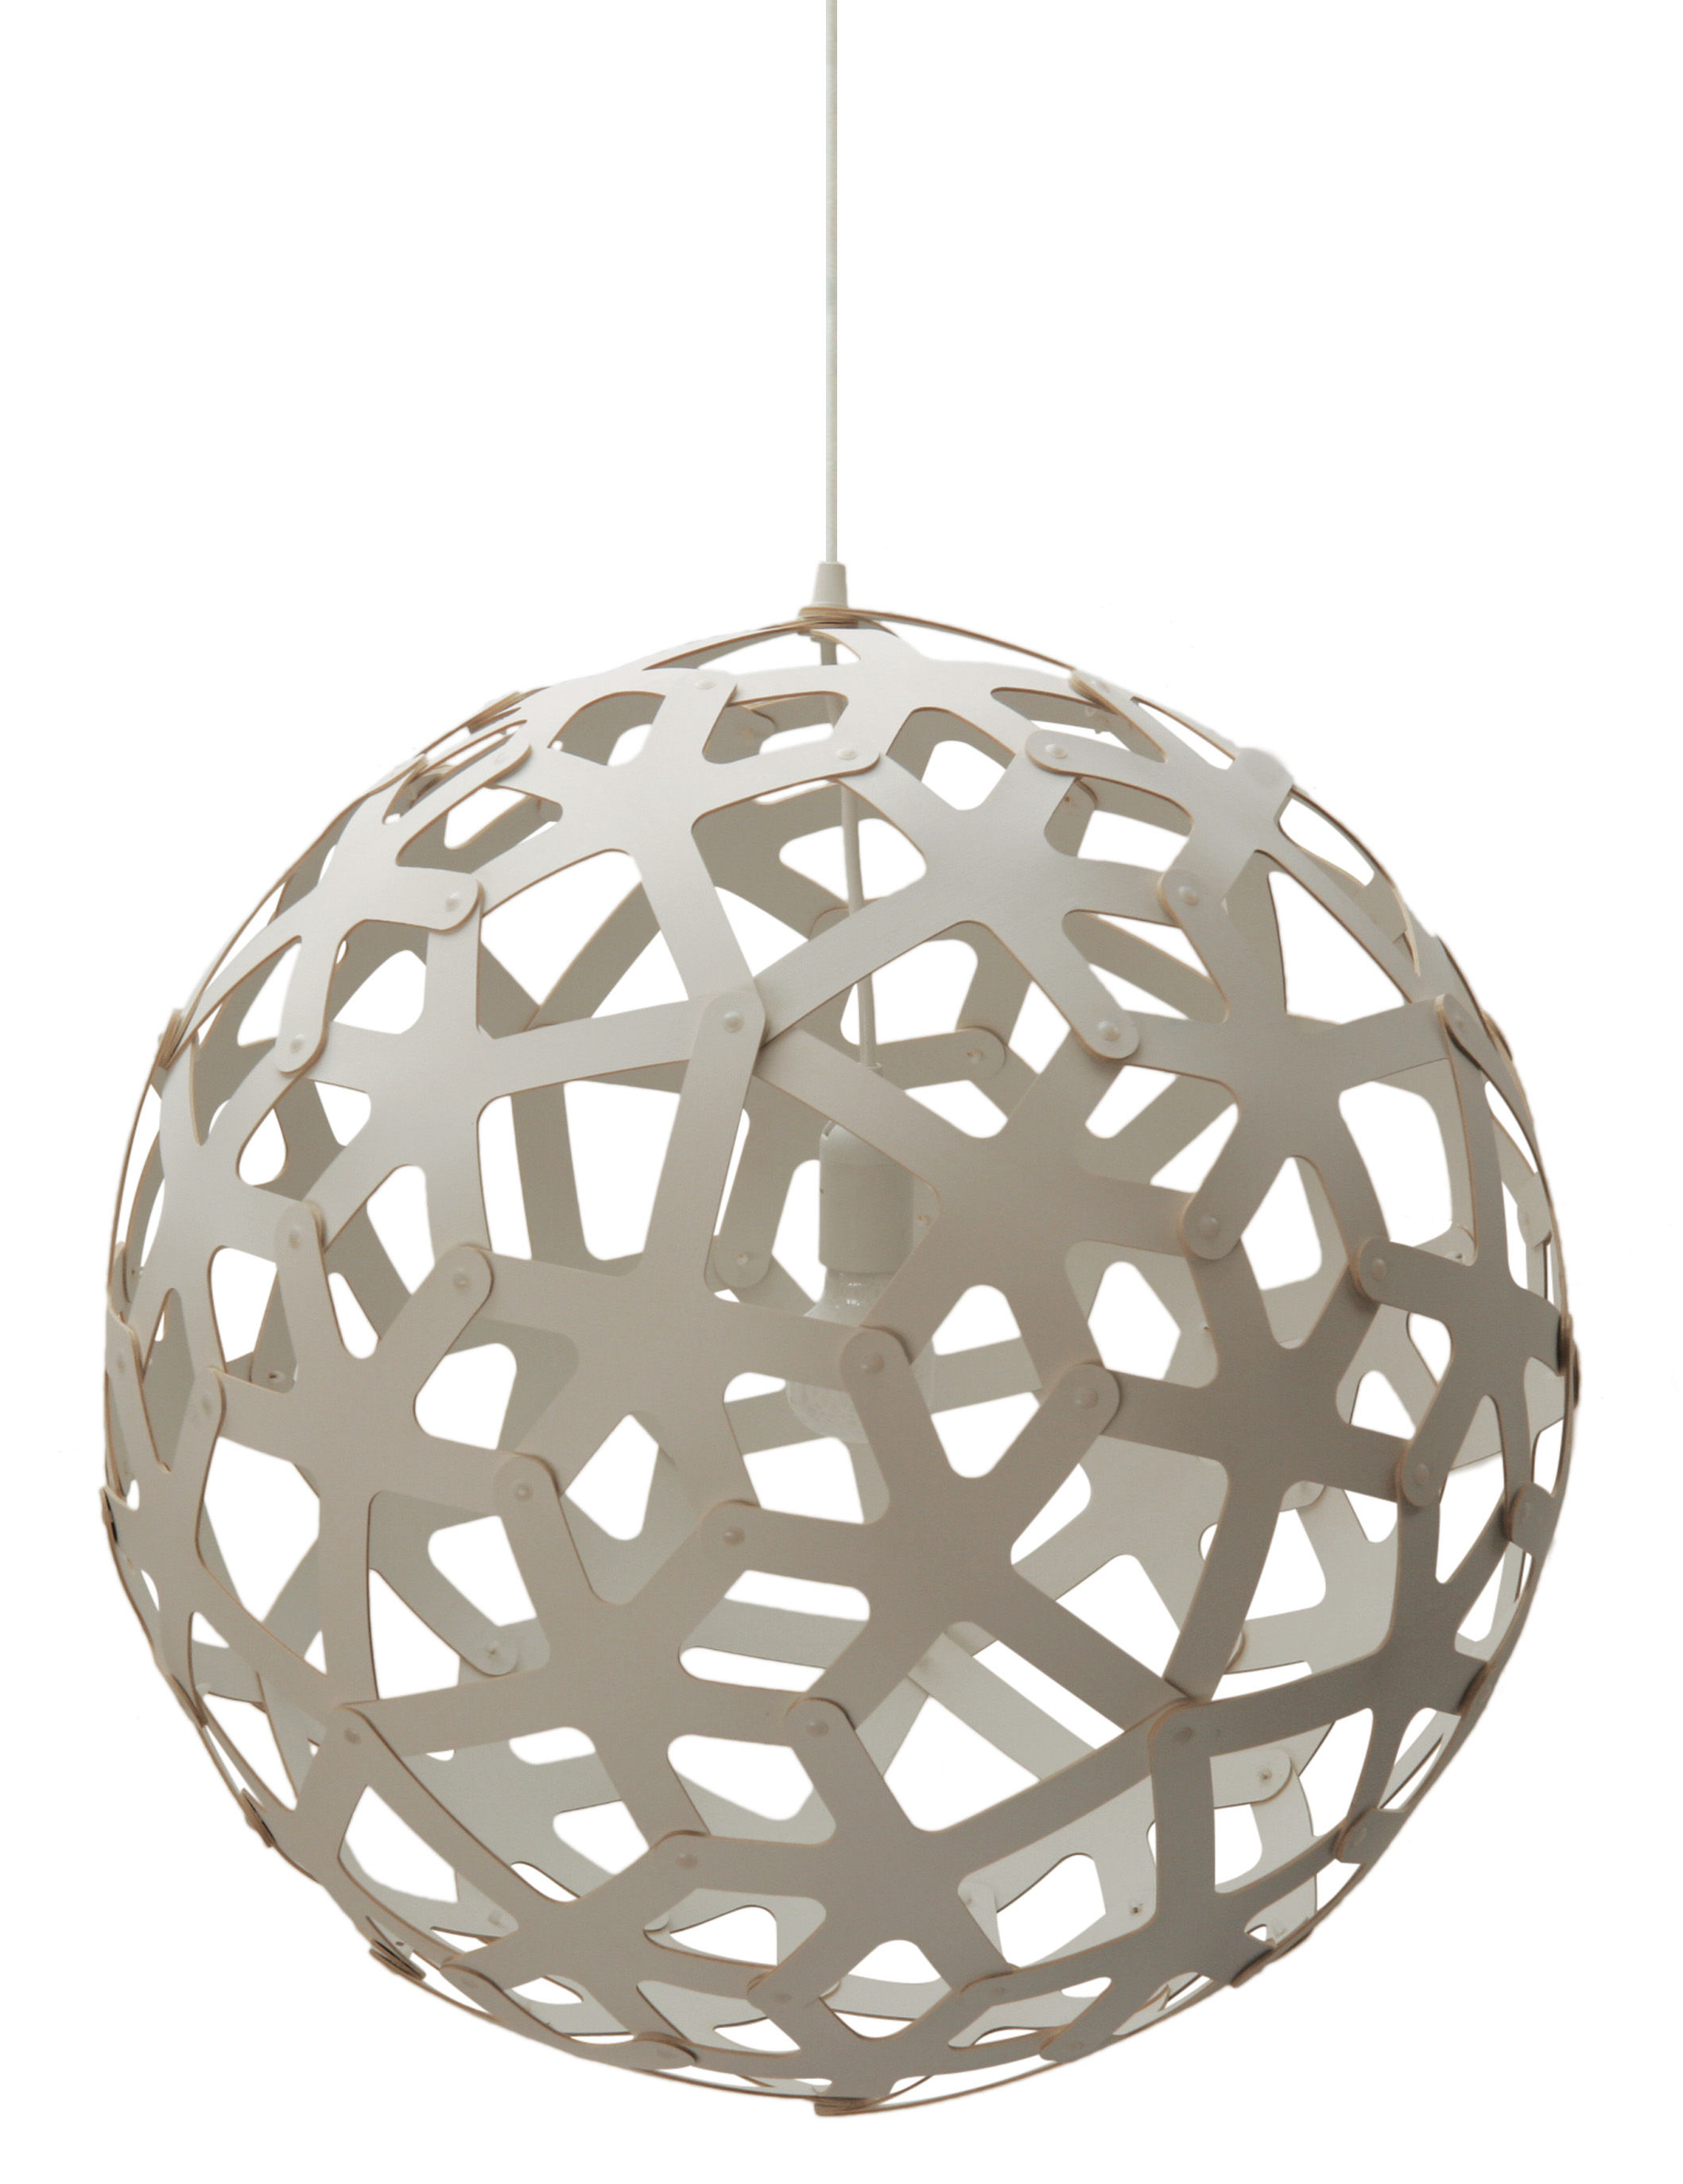 Illuminazione - Lampadari - Sospensione Coral - Ø 40 cm - Bianco - Esclusiva web di David Trubridge - Bianco - Pino